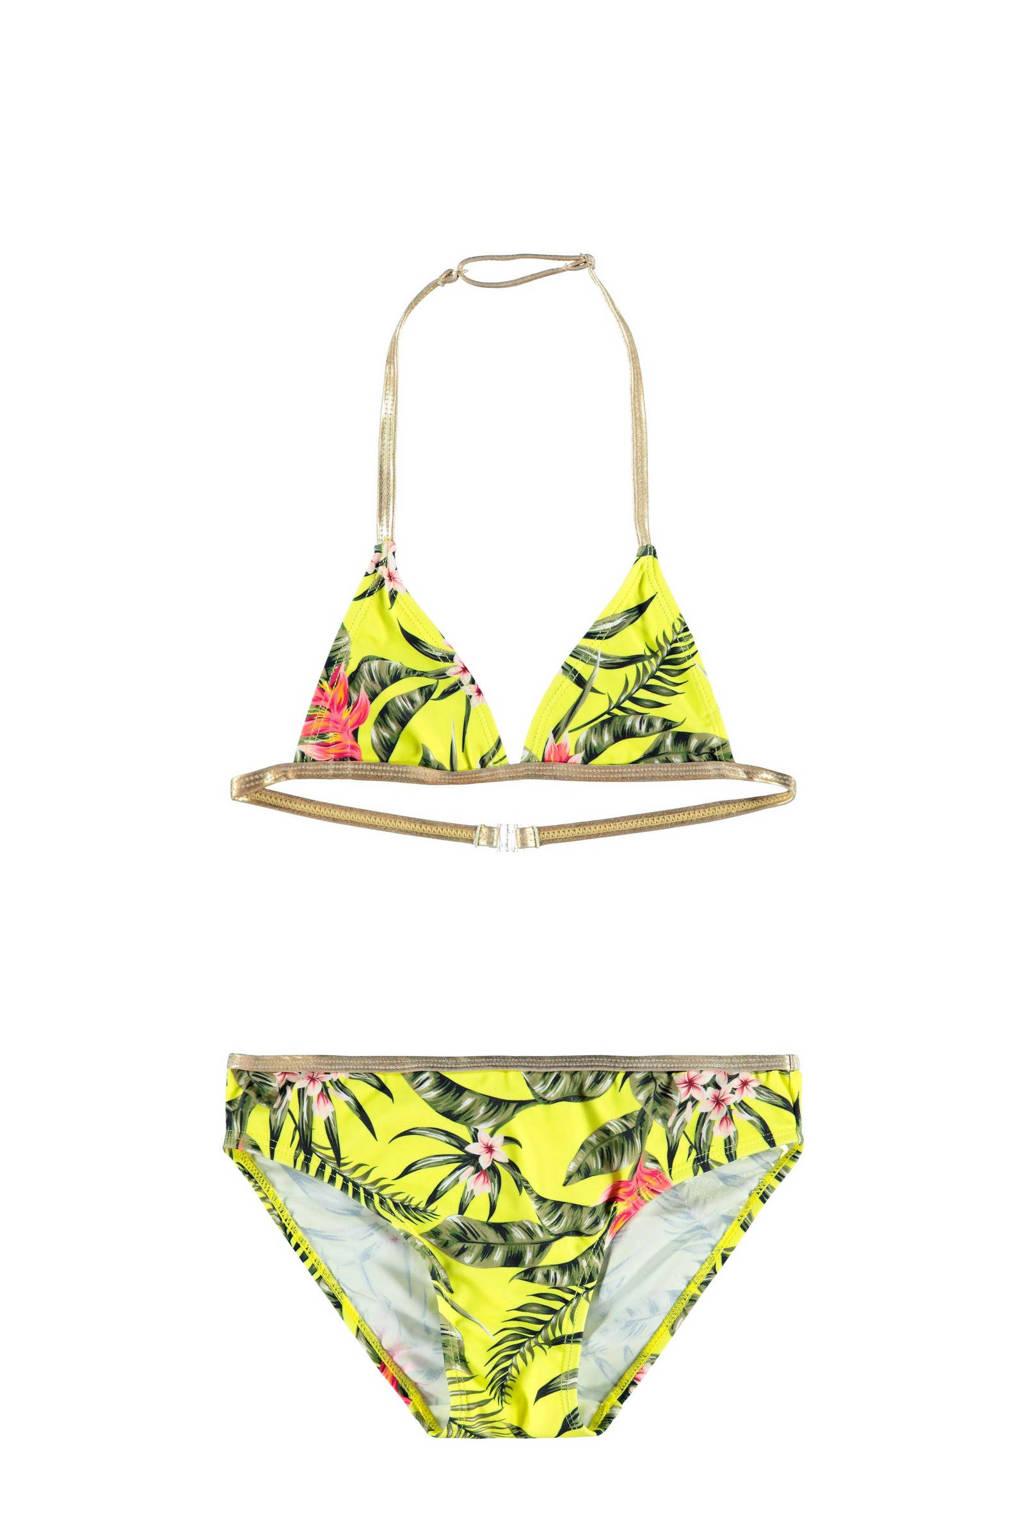 NAME IT KIDS triangel bikini Tinaya met jungle print geel/groen, Geel/groen